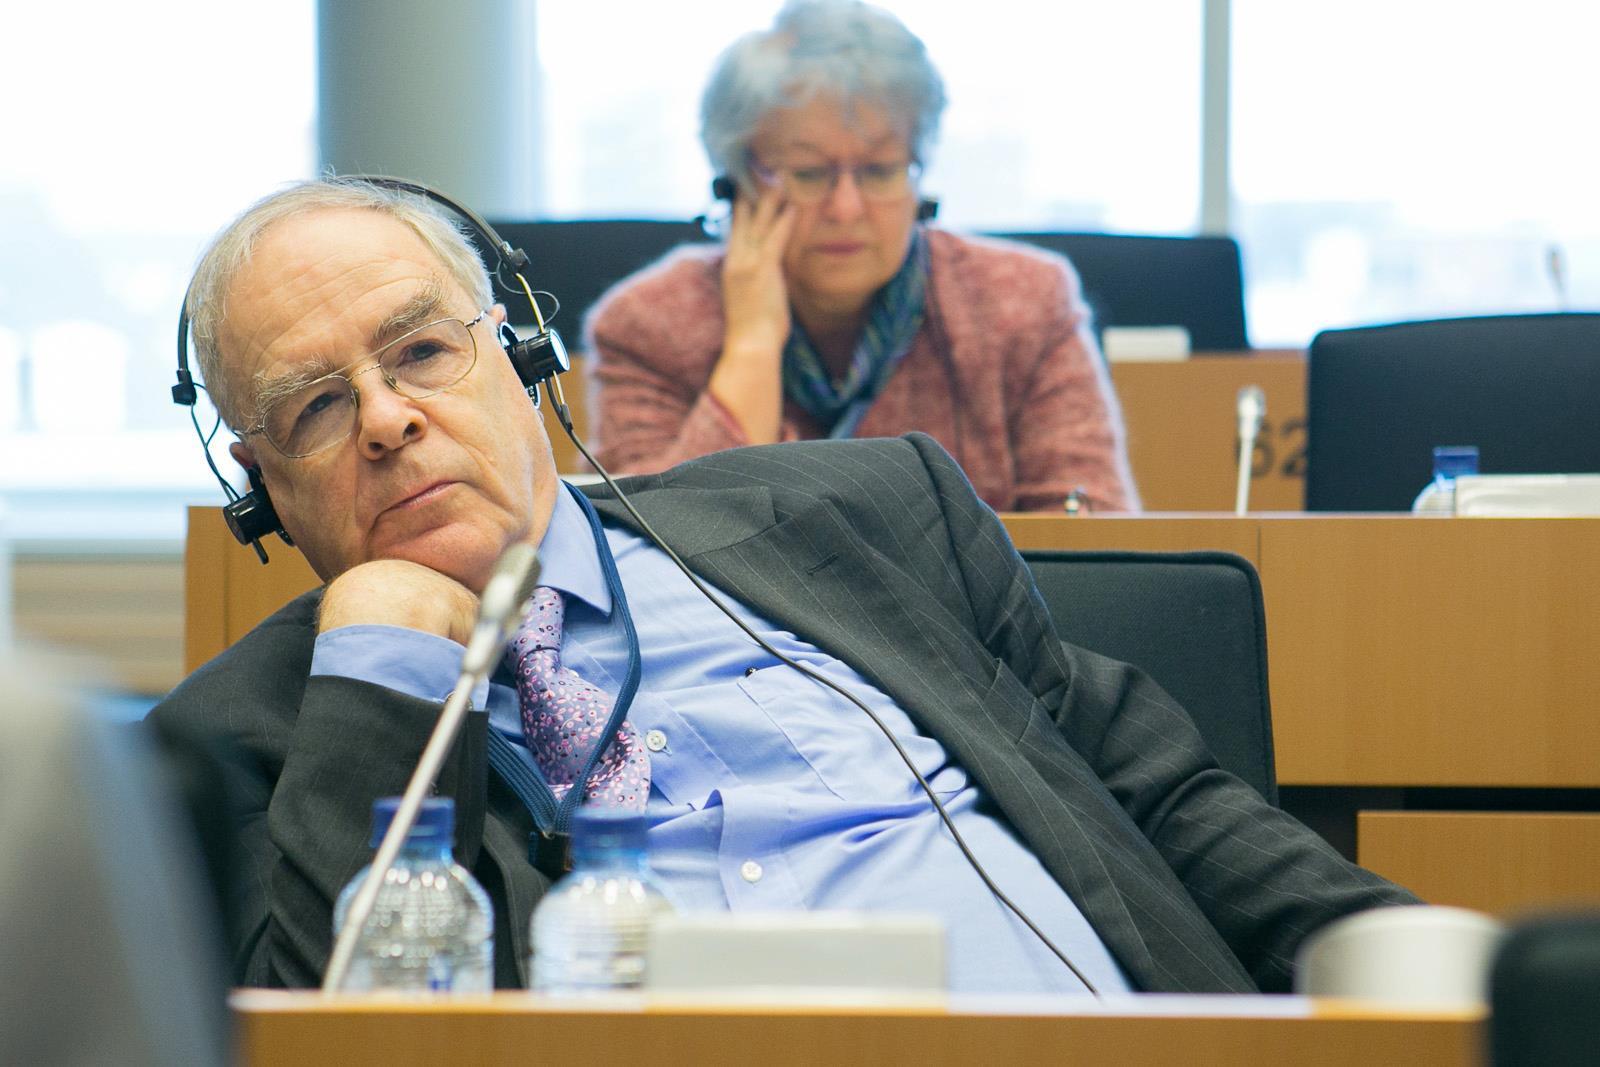 Tökéletes búcsúinterjút adott az EP-ből visszavonuló Schöpflin György, akinek az volt a munkája, hogy elmagyarázza Nyugaton, miért oké, amit a Fidesz csinál